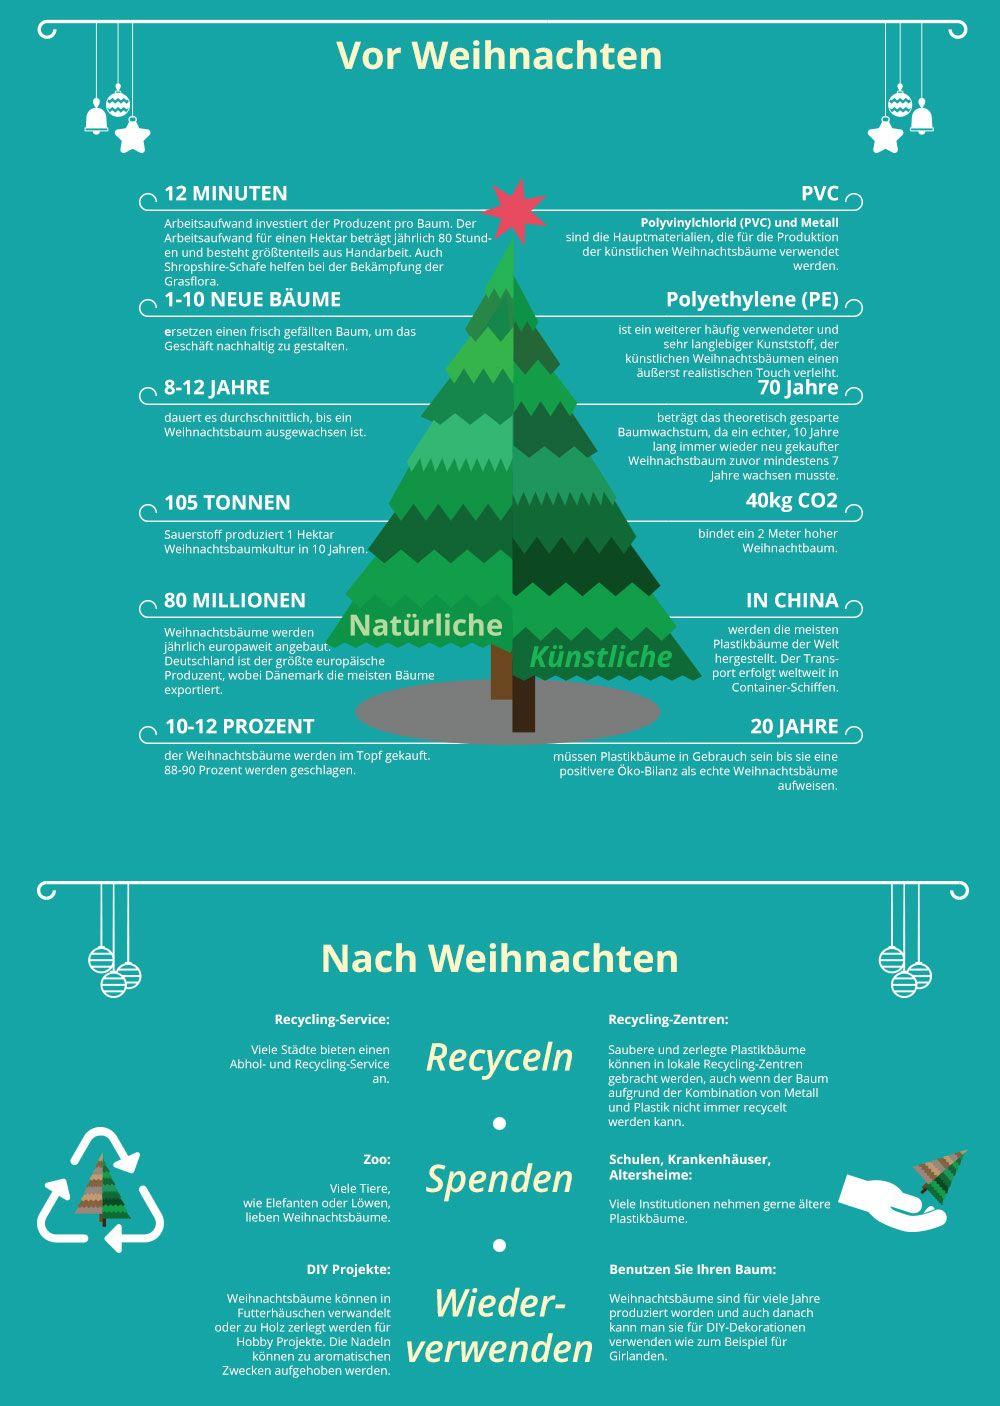 Welches Sind Die Popularsten Weihnachtsbaume Wie Lange Wachst Ein Baum Haben Plastikbaume Eine Bessere Oko Bilanz Und Warum H Weihnachtsbaum Christbaum Baum